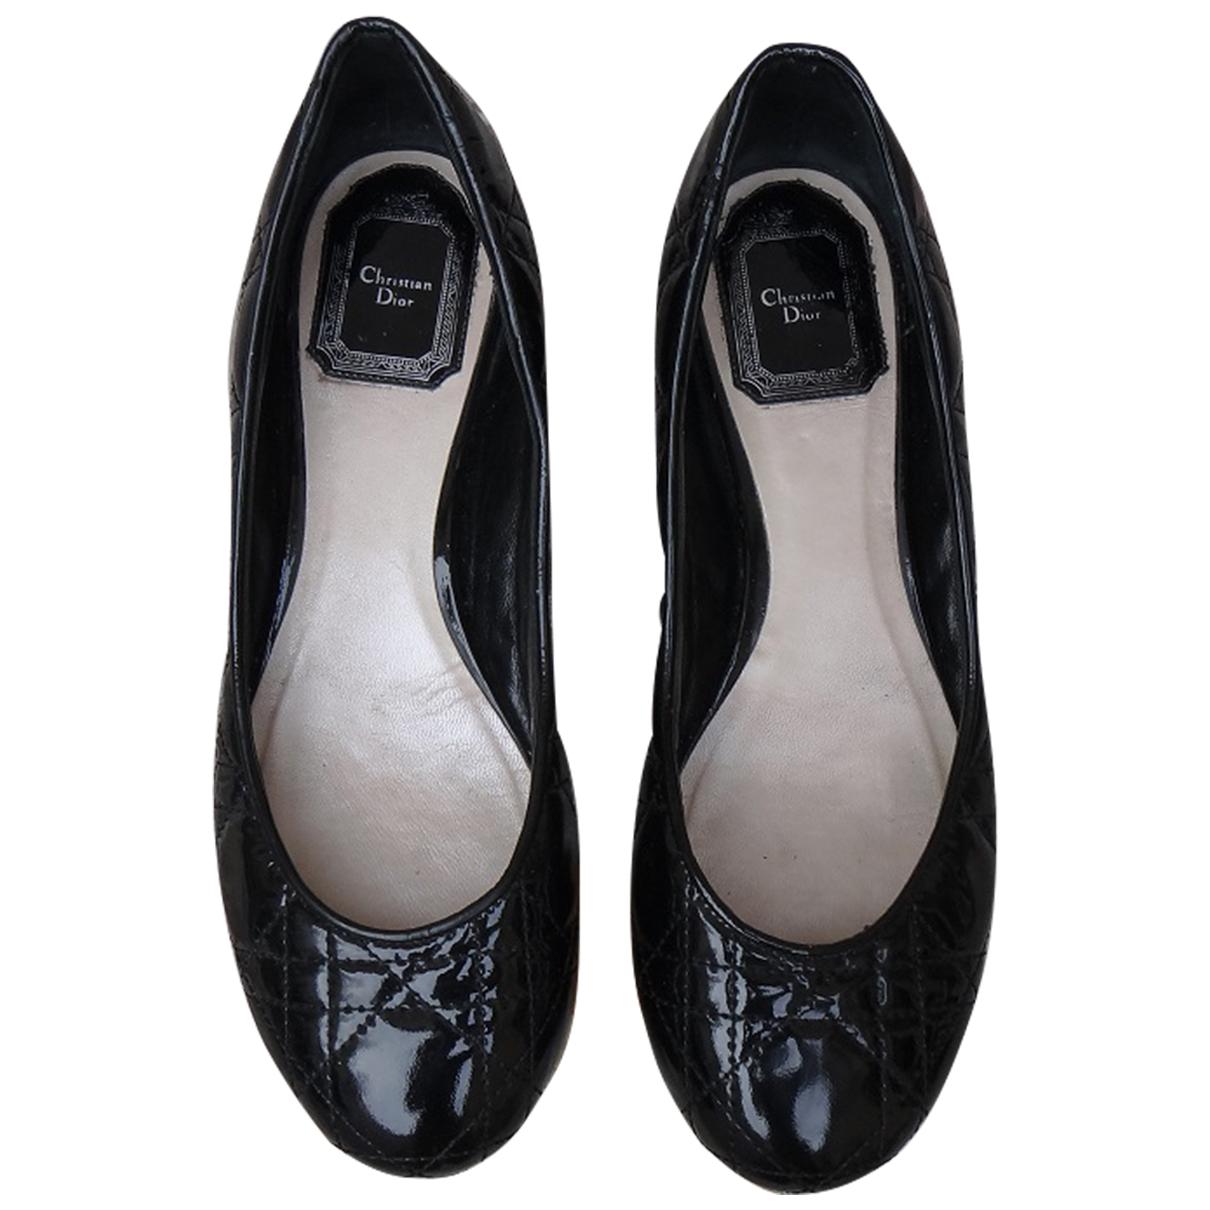 Dior - Ballerines   pour femme en cuir verni - noir